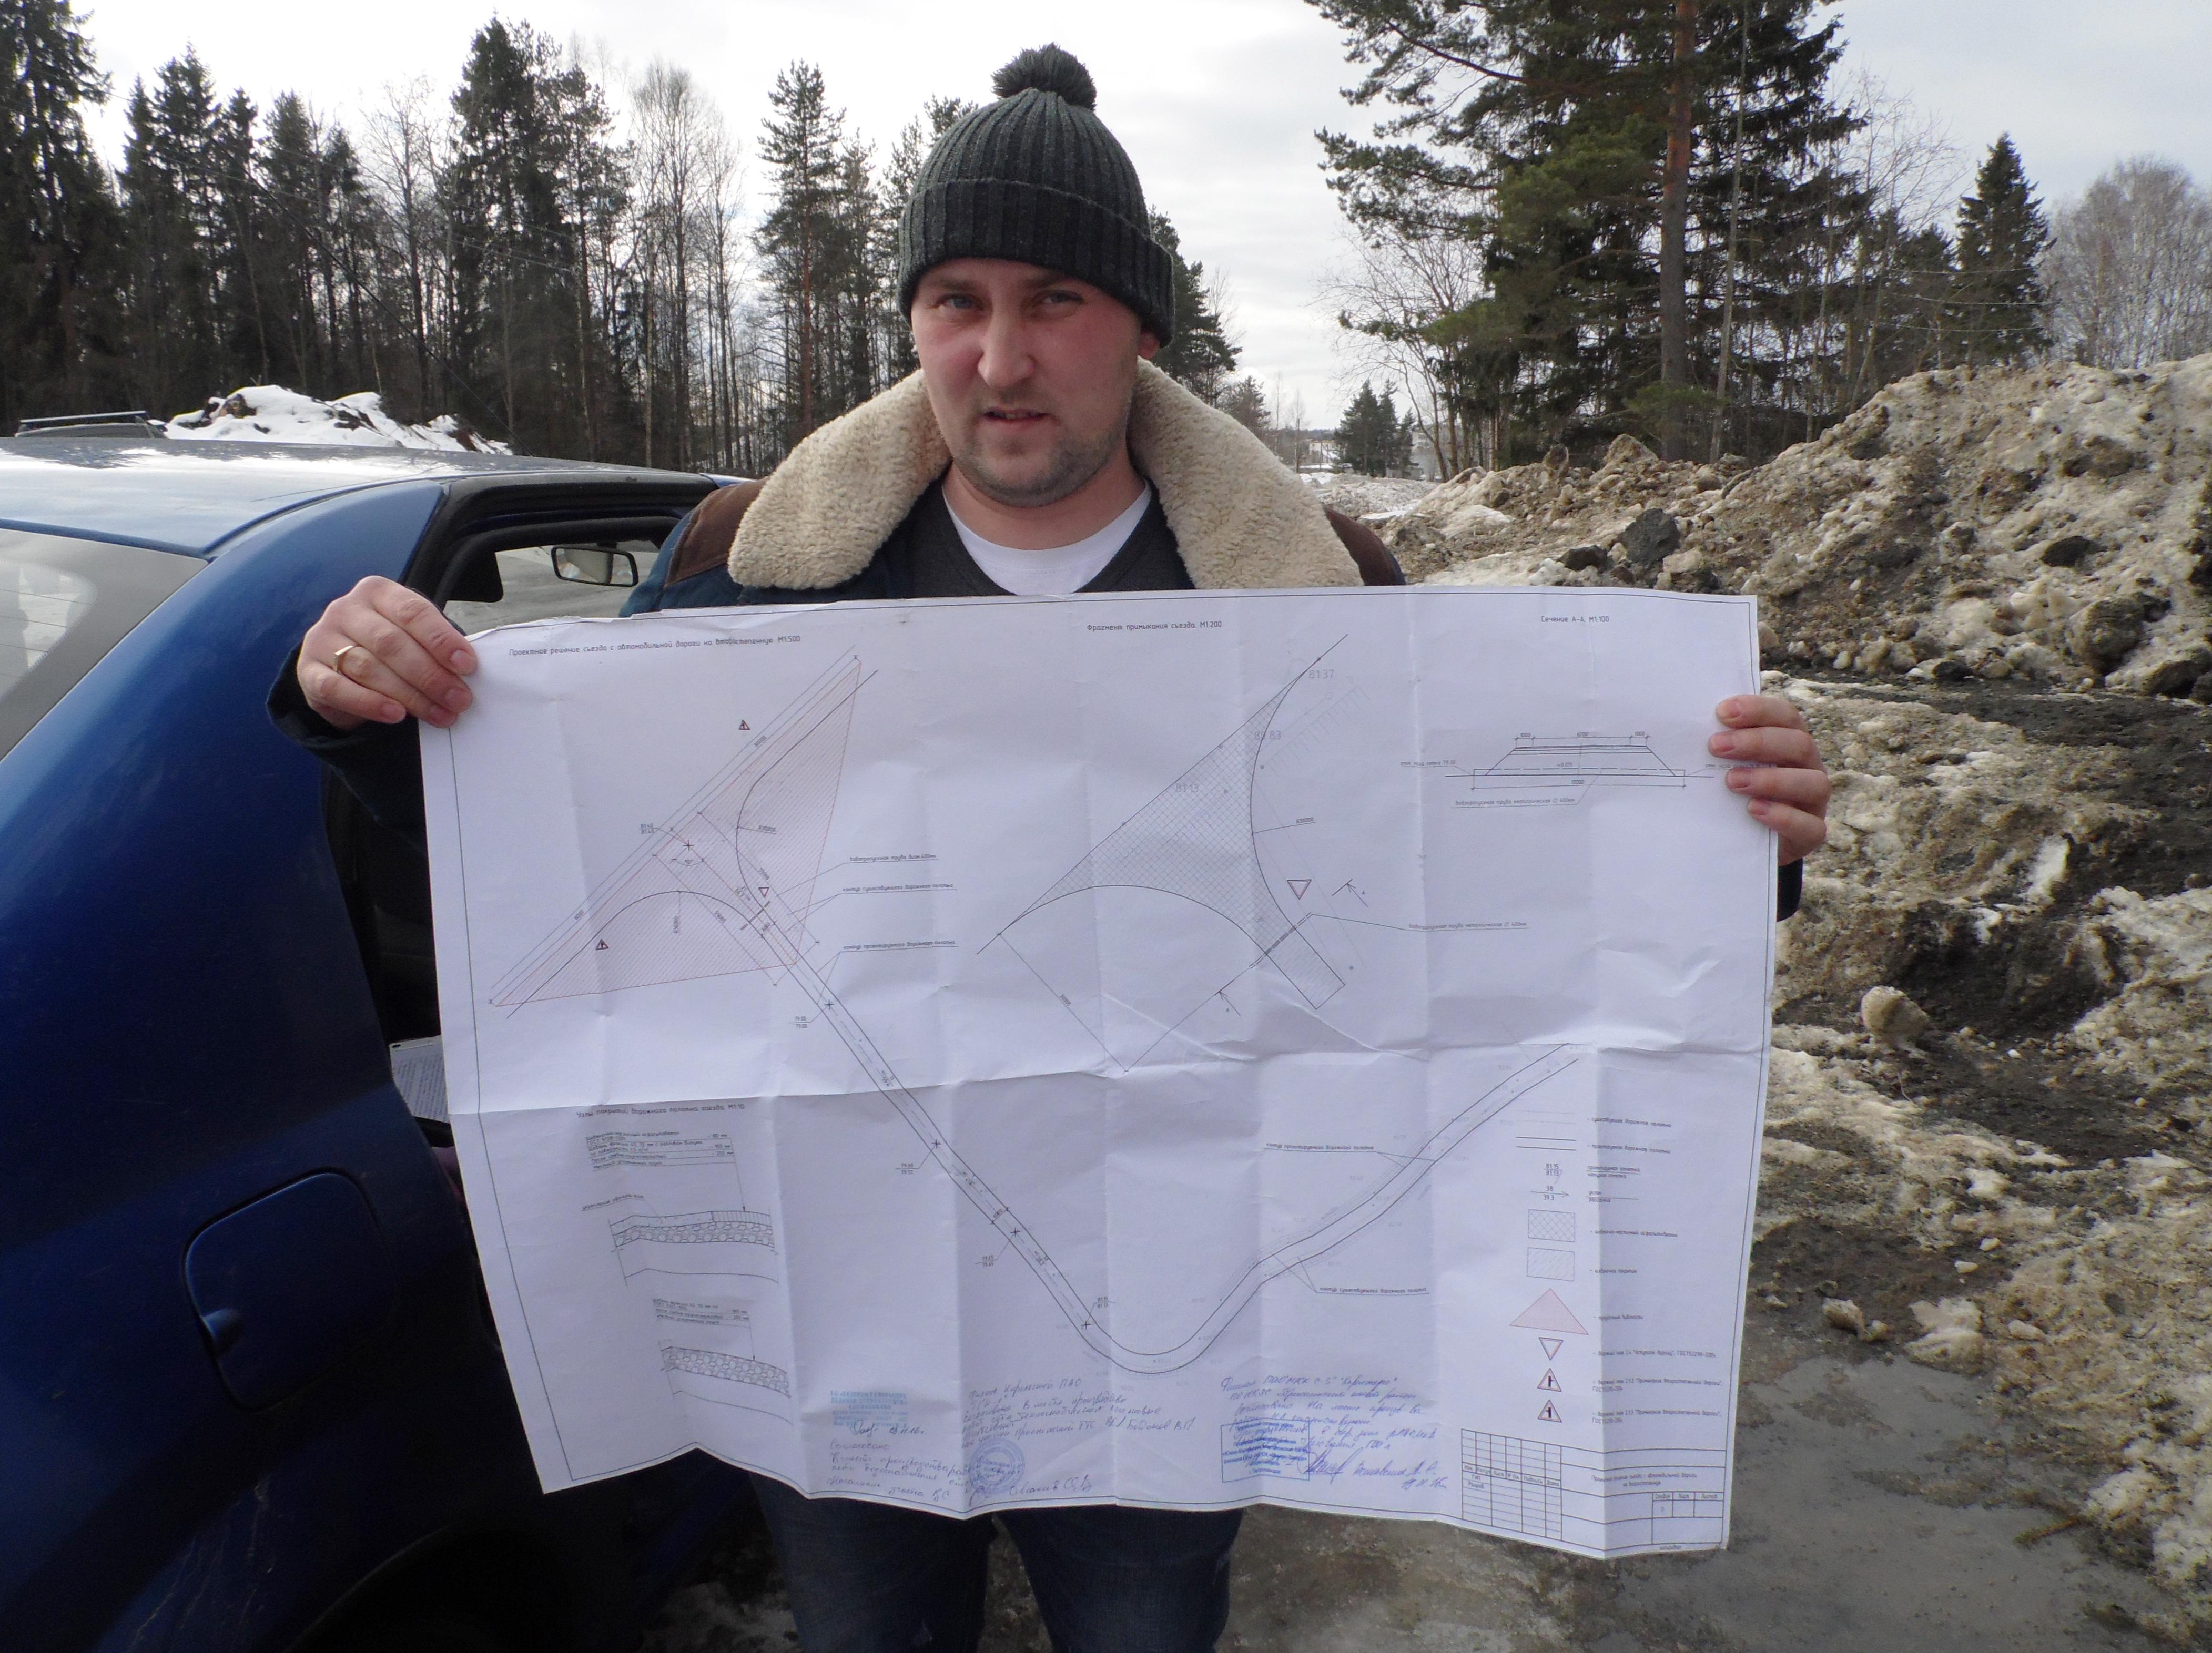 Господин Захаров утверждает, что действует по закону. Фото: Алексей Владимиров